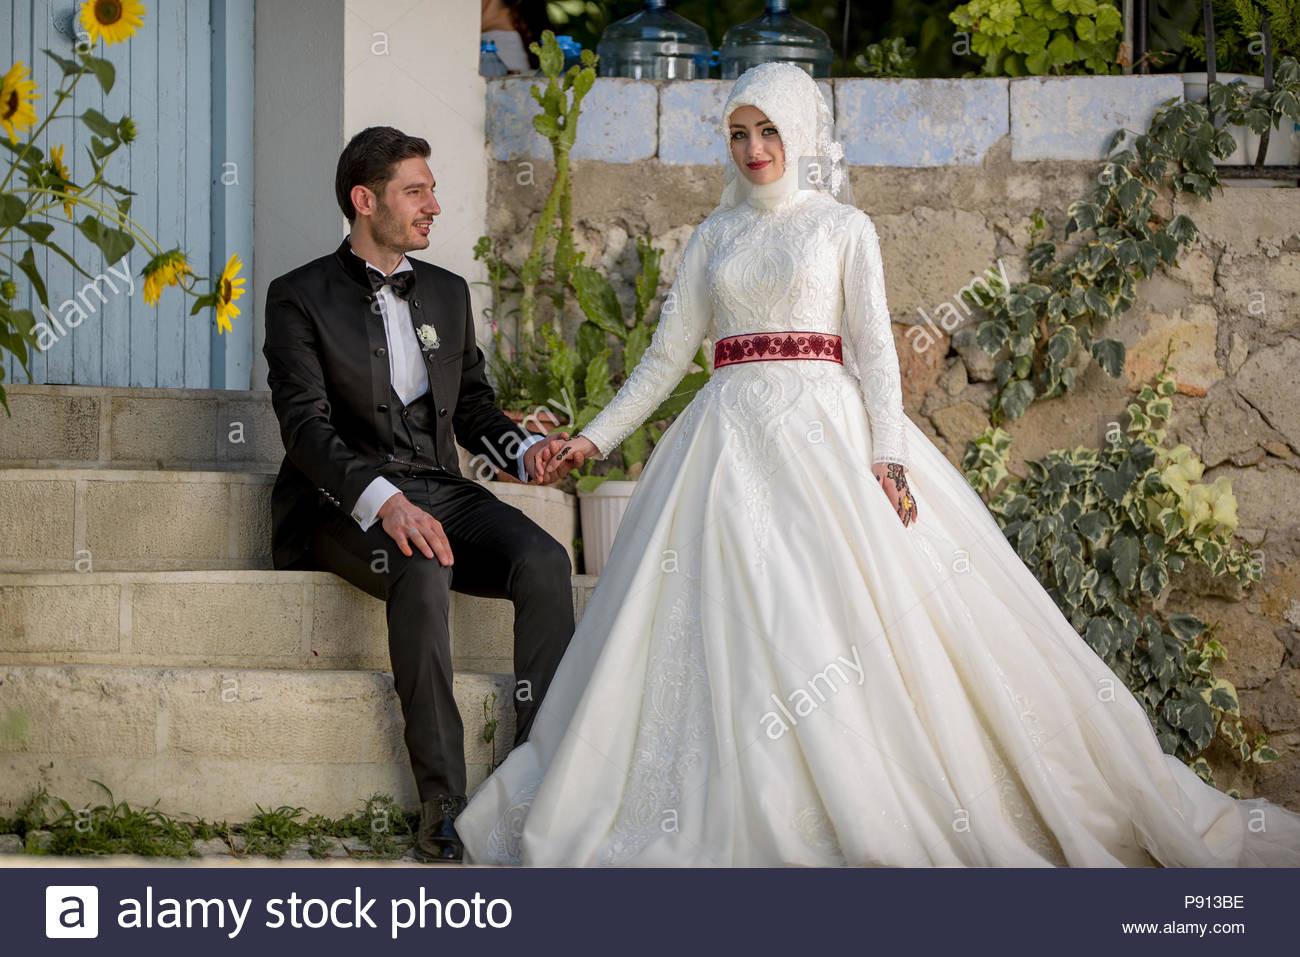 Islamische Hochzeit Stockfotos & Islamische Hochzeit Bilder